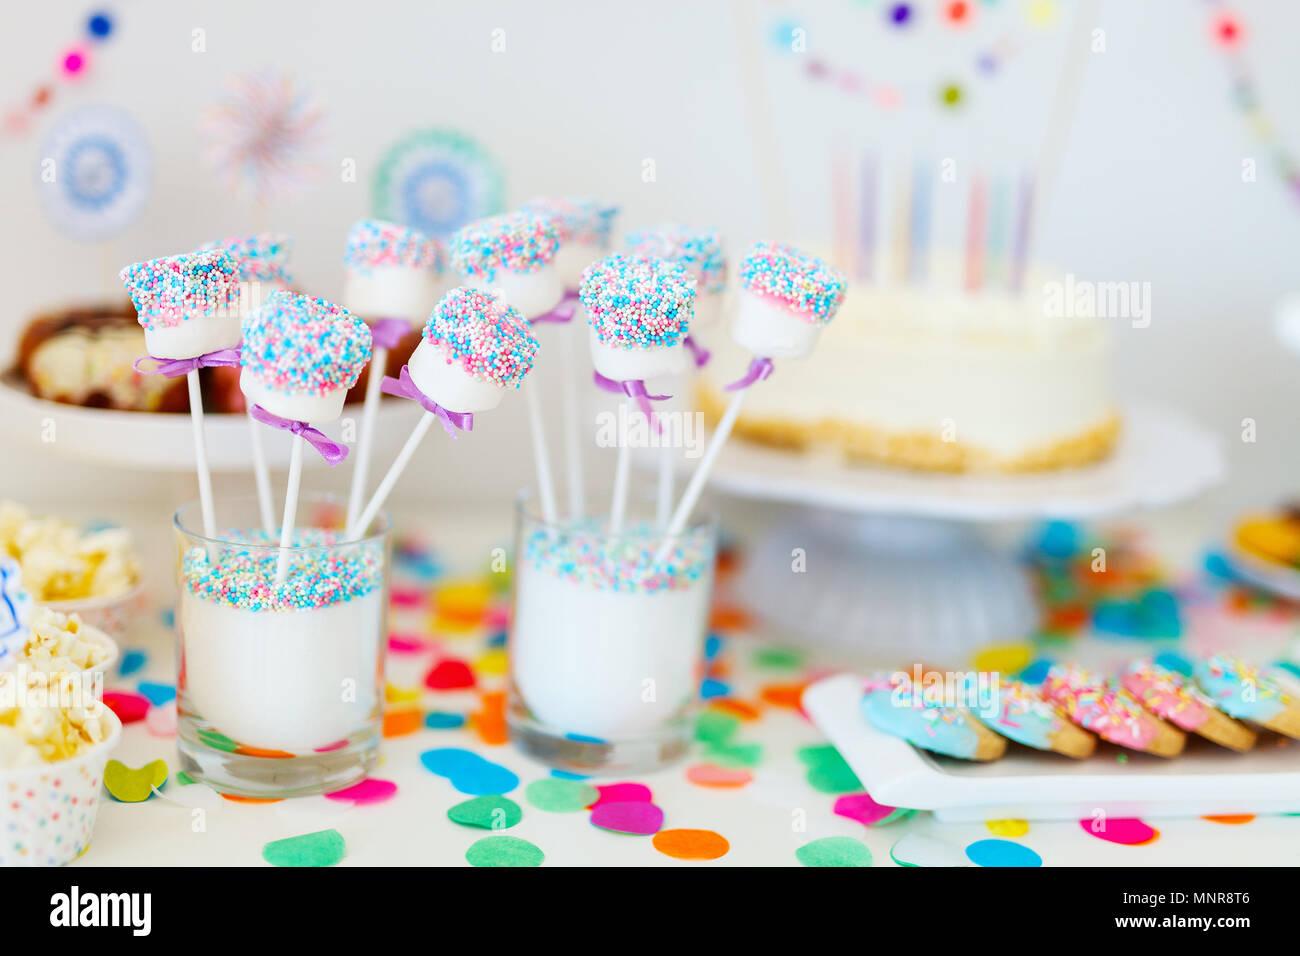 Gâteaux, bonbons, guimauves, cakepops, fruits et d'autres bonbons sur table à dessert kids Birthday party Photo Stock